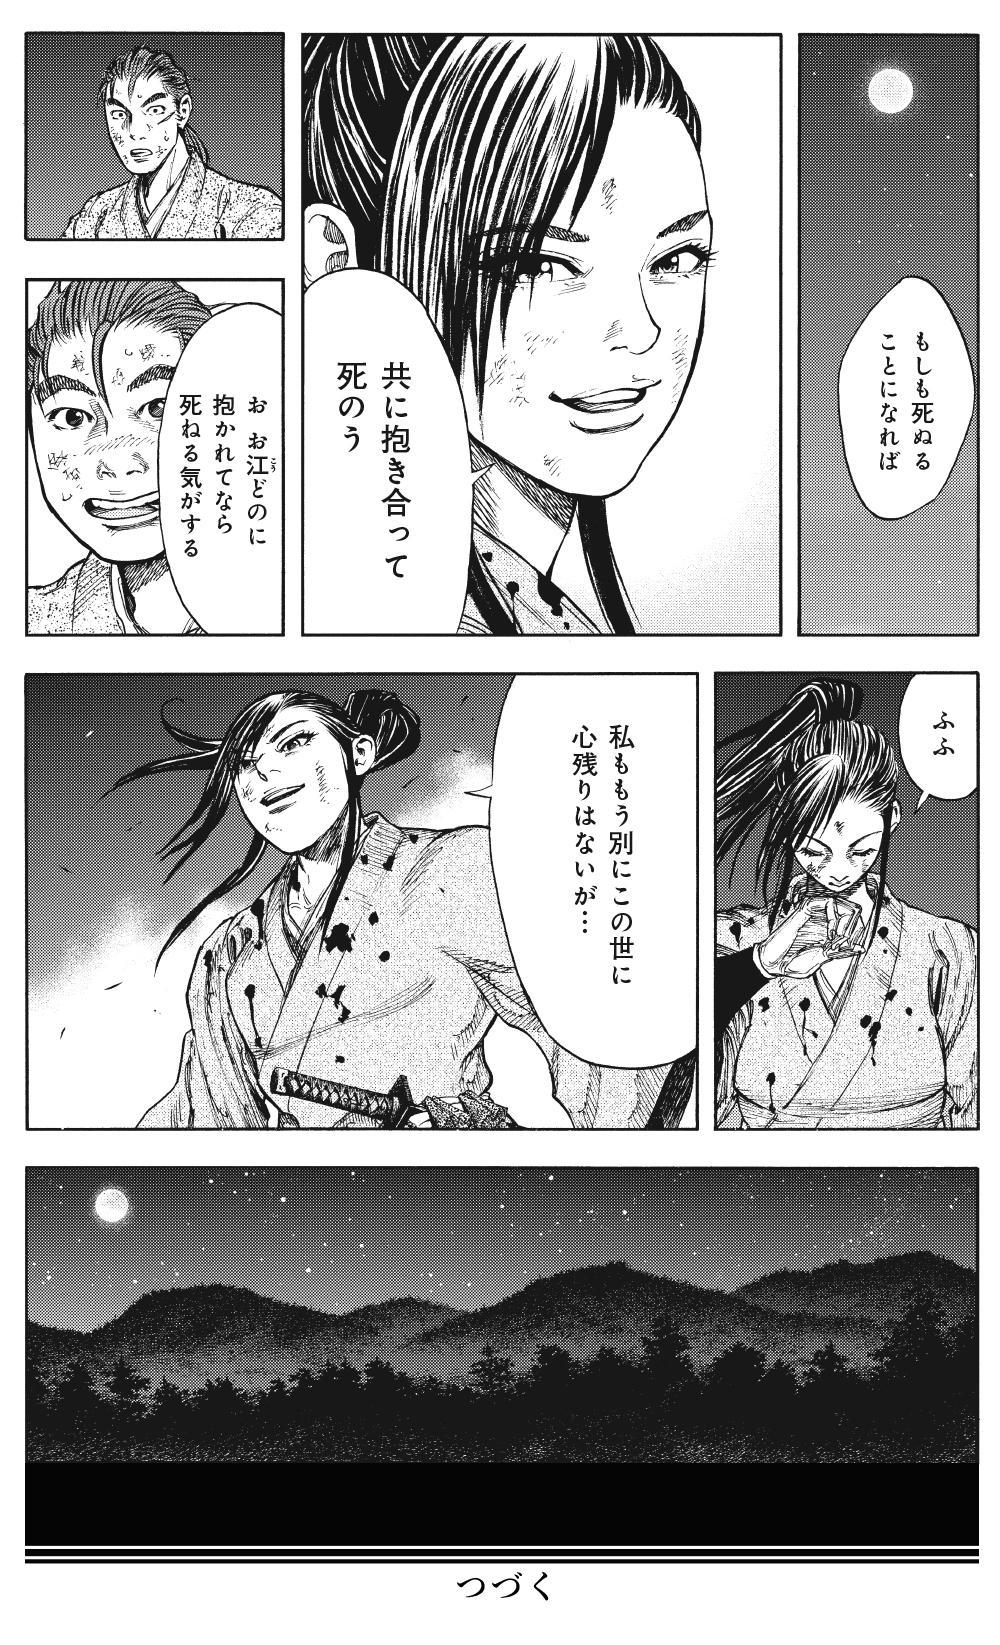 真田太平記 第7話「暗夜激闘」①sanada13-17.jpg